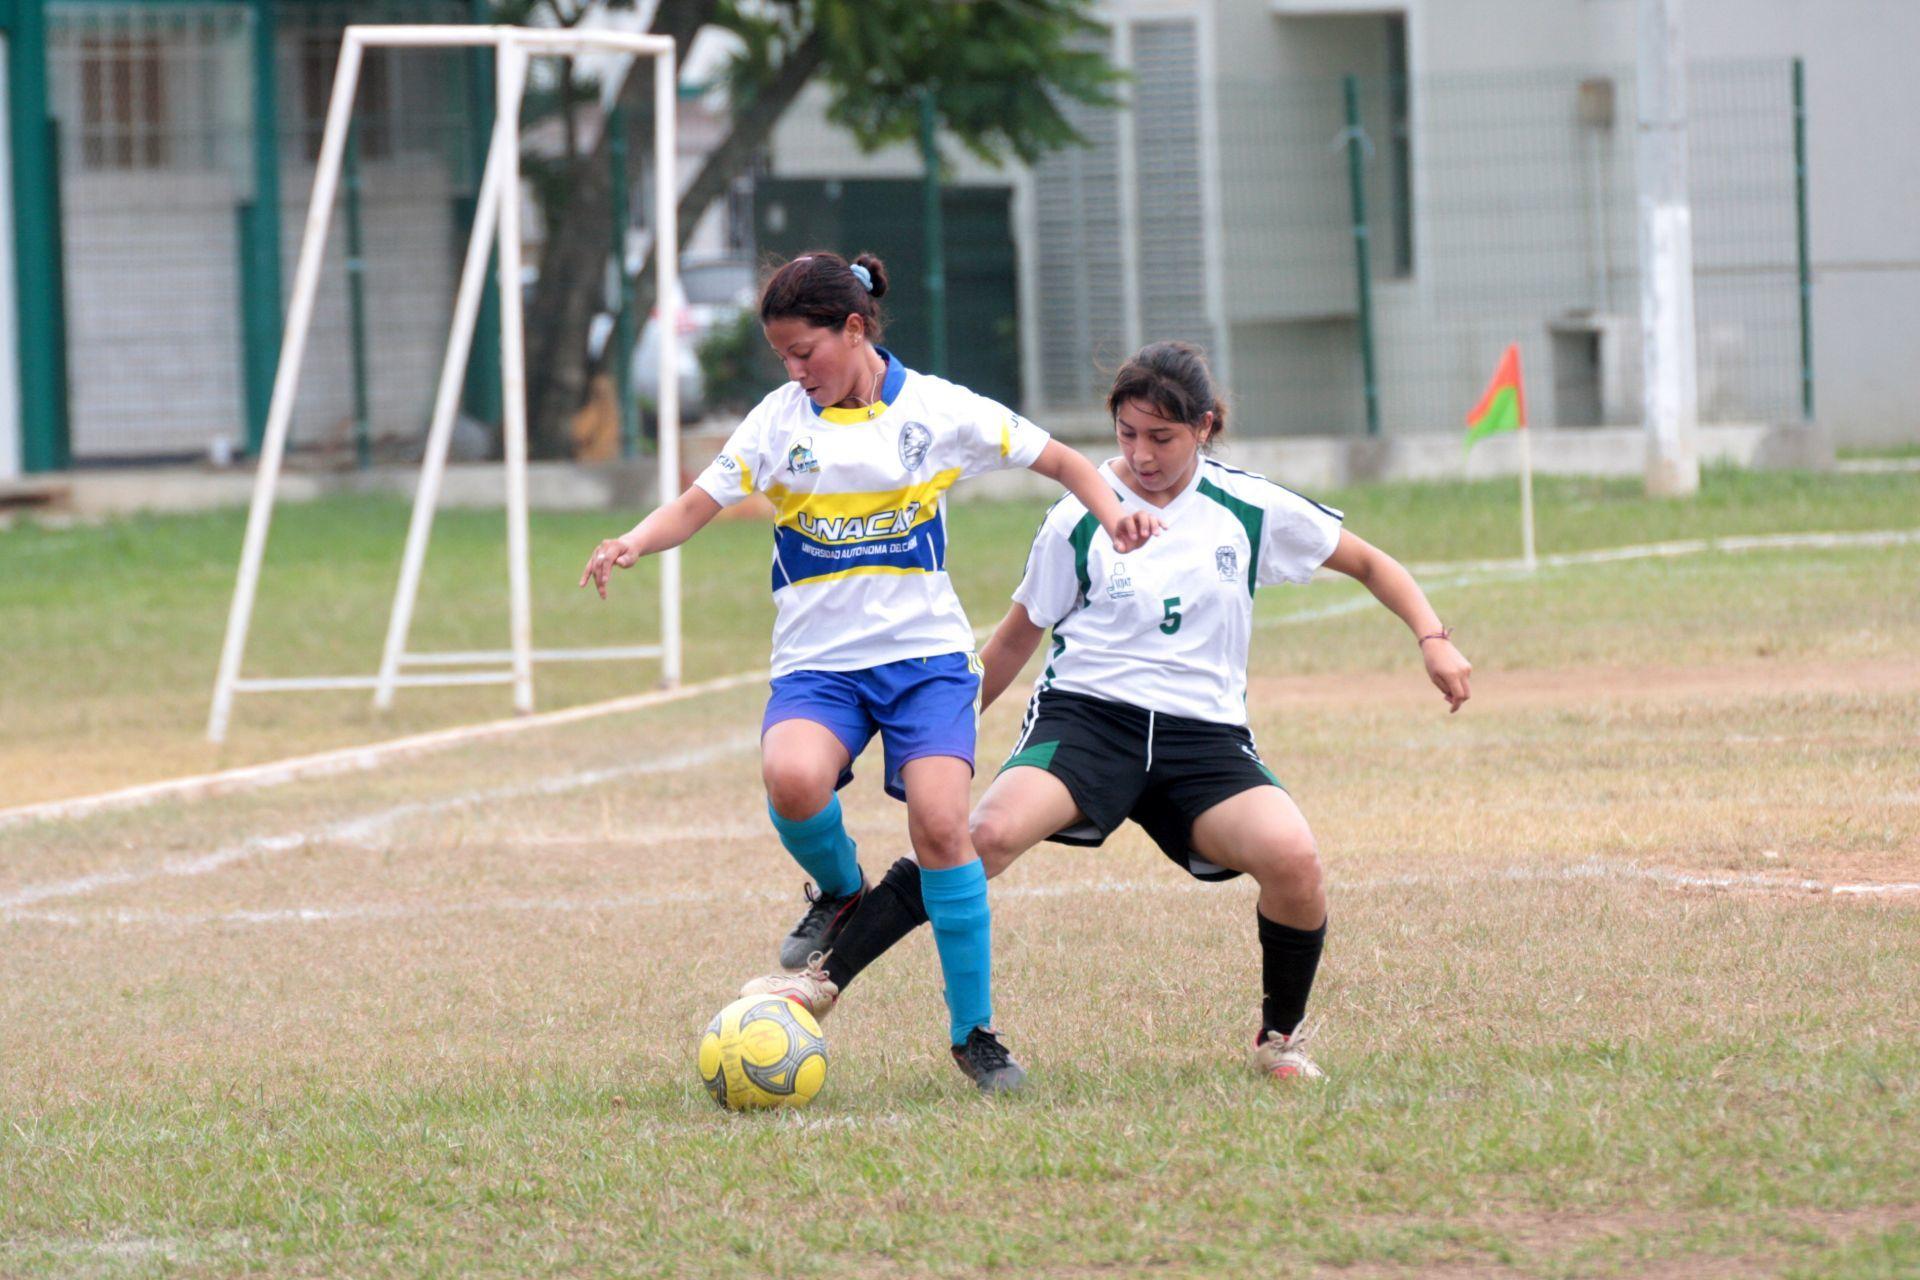 #ComunicadoMCV: Desigualdades de género en la cancha de futbol